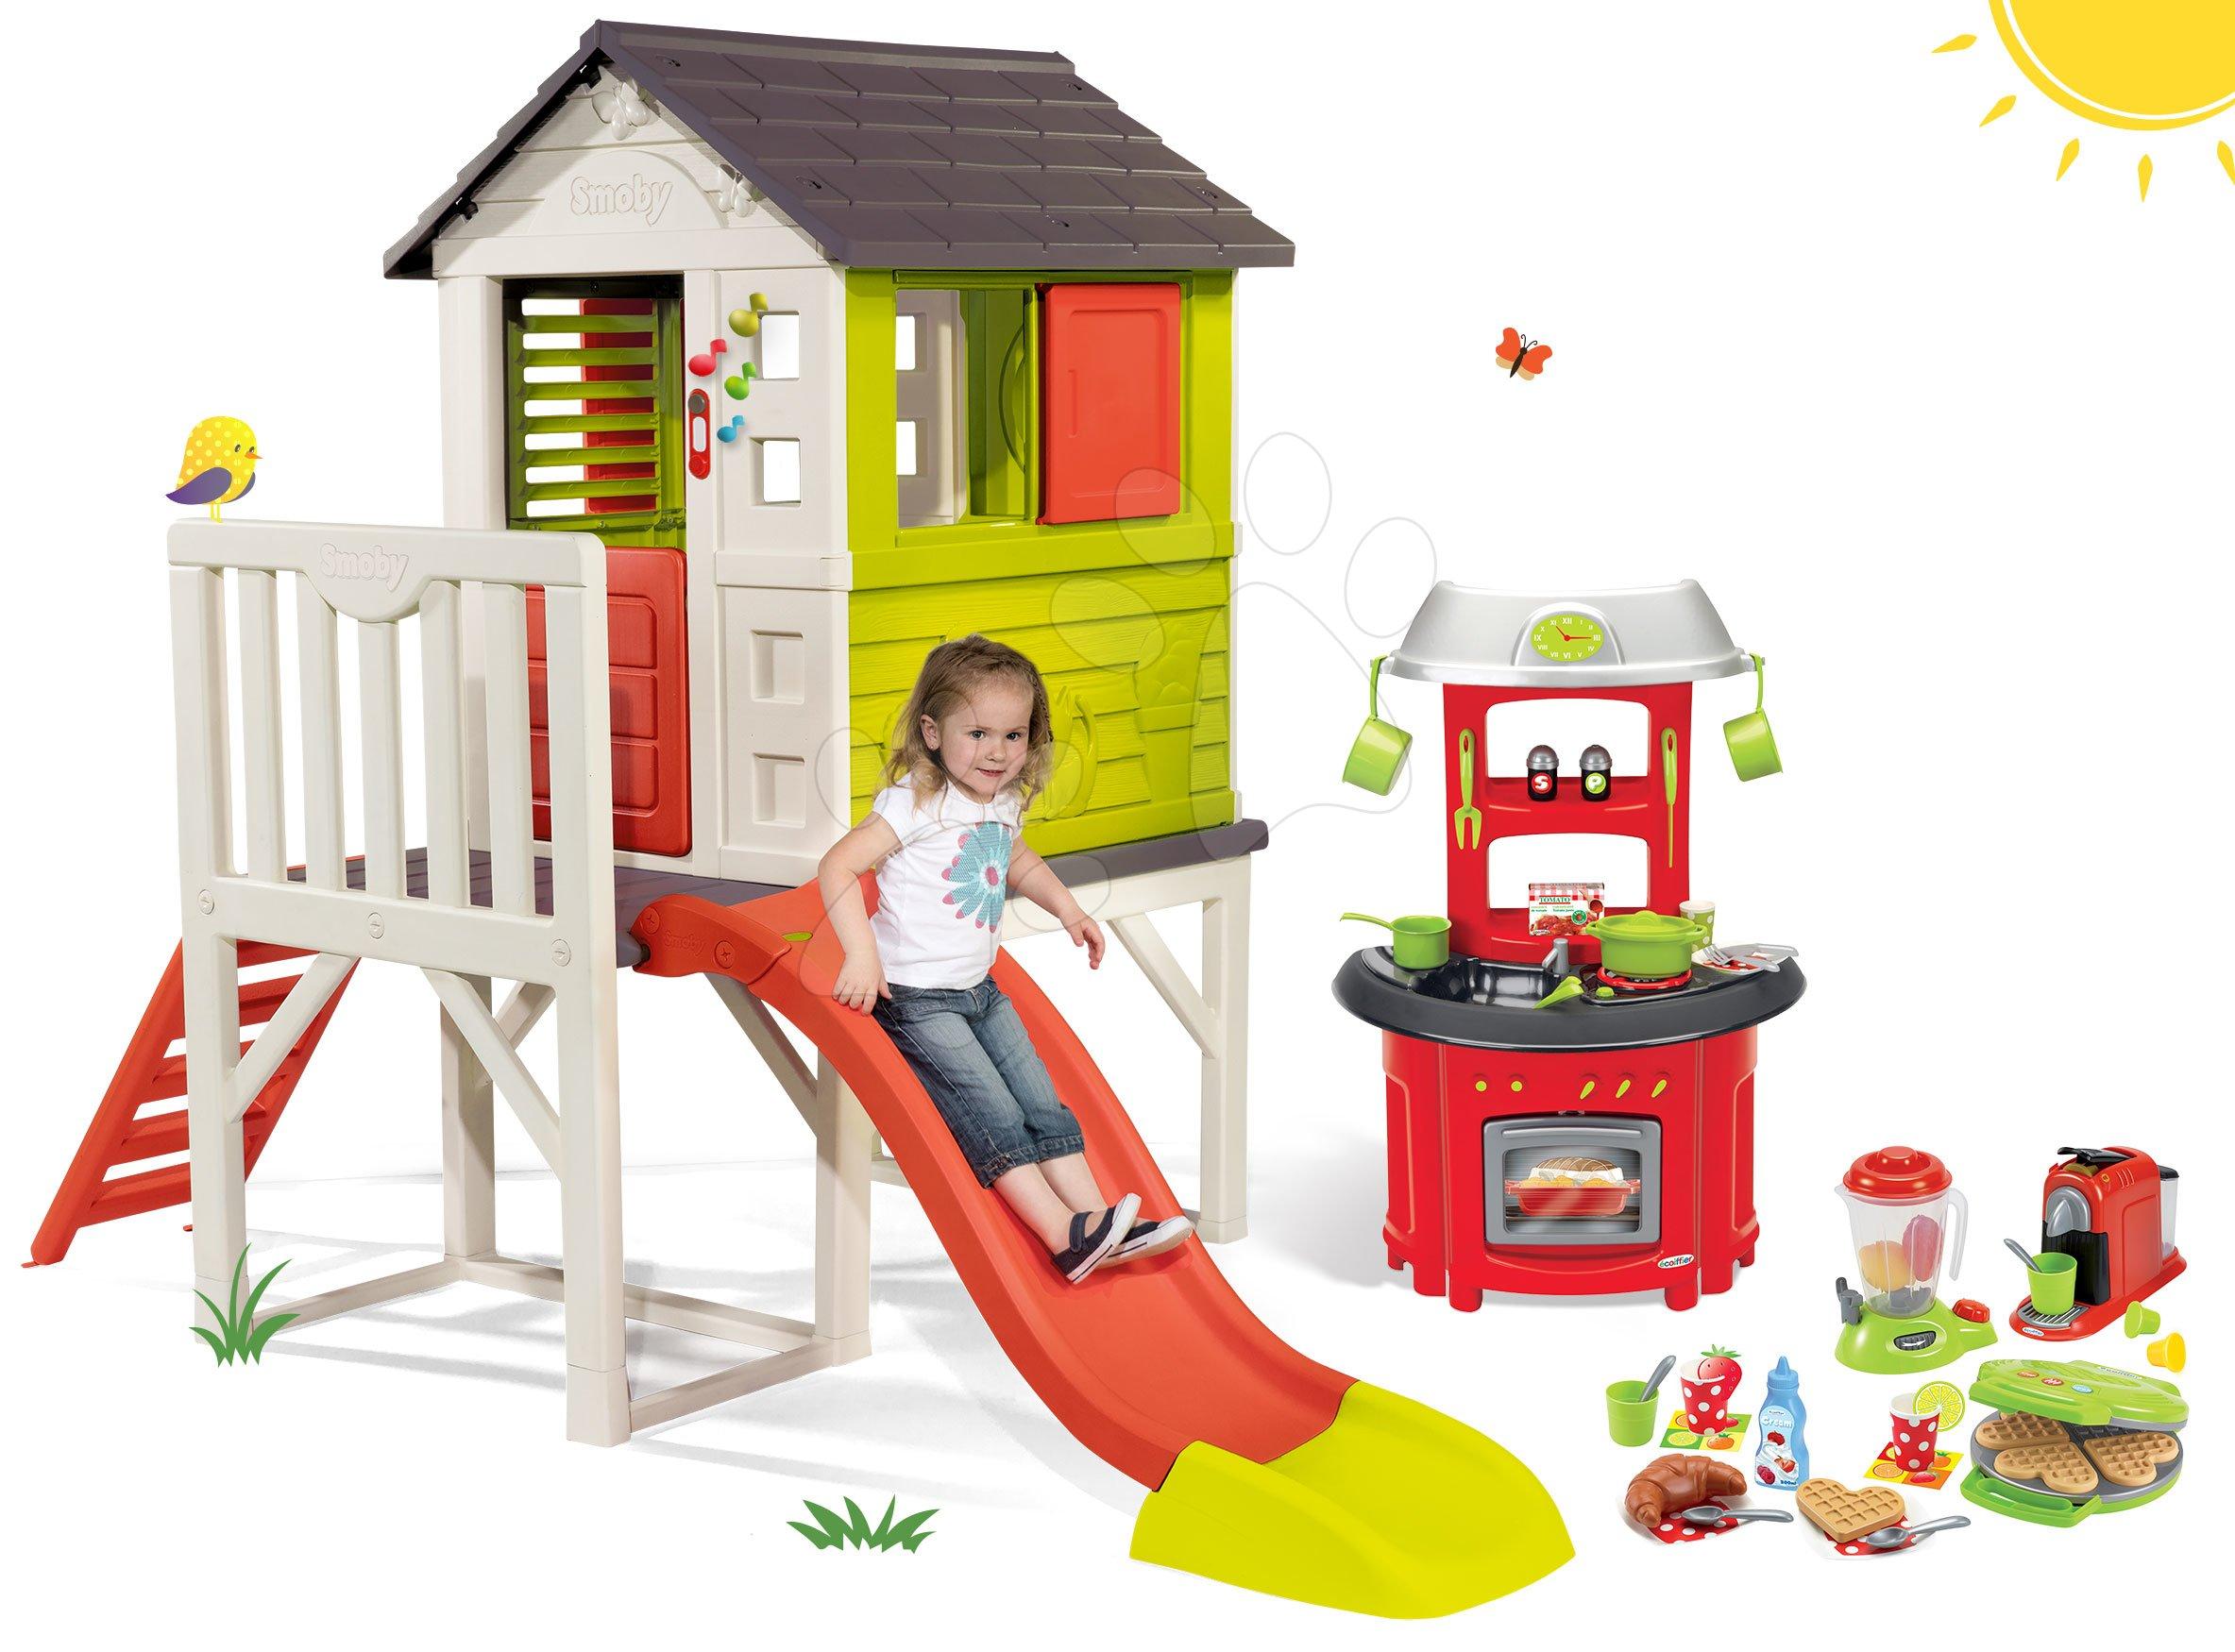 Domeček na pilířích Pilings House Smoby s 1,5 m skluzavkou zvonkem a kuchyňka s vaflovačem kávovarem a mixérem